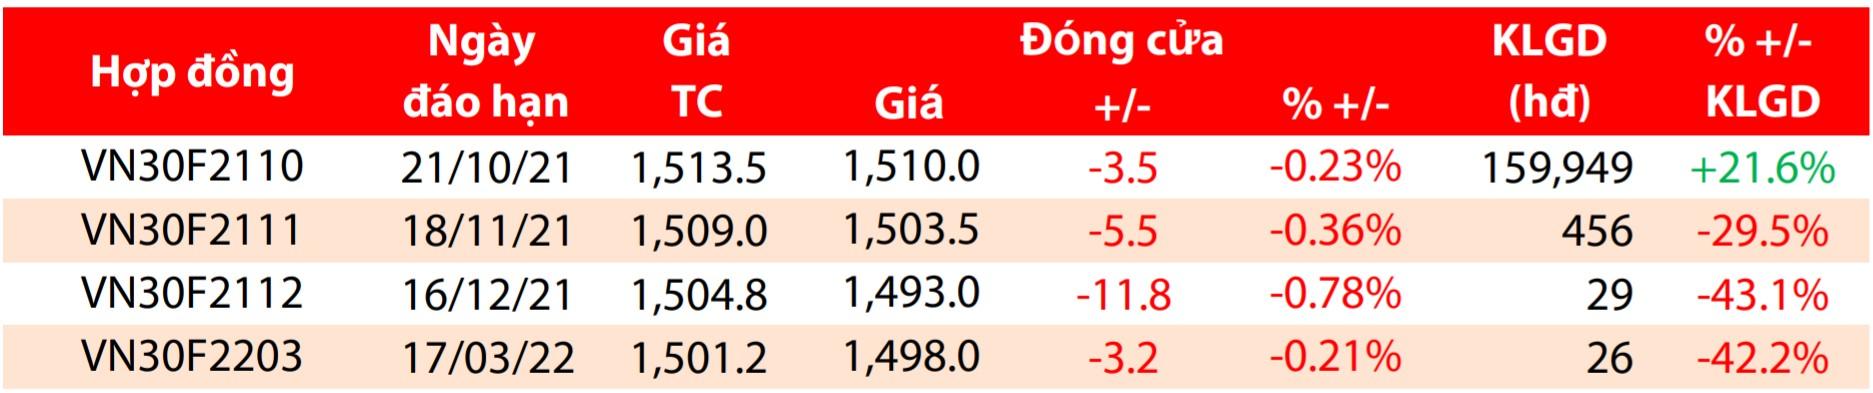 Nhận định chứng khoán phái sinh phiên 13/10: VN30-Index vẫn trong xu thế tích cực - Ảnh 1.